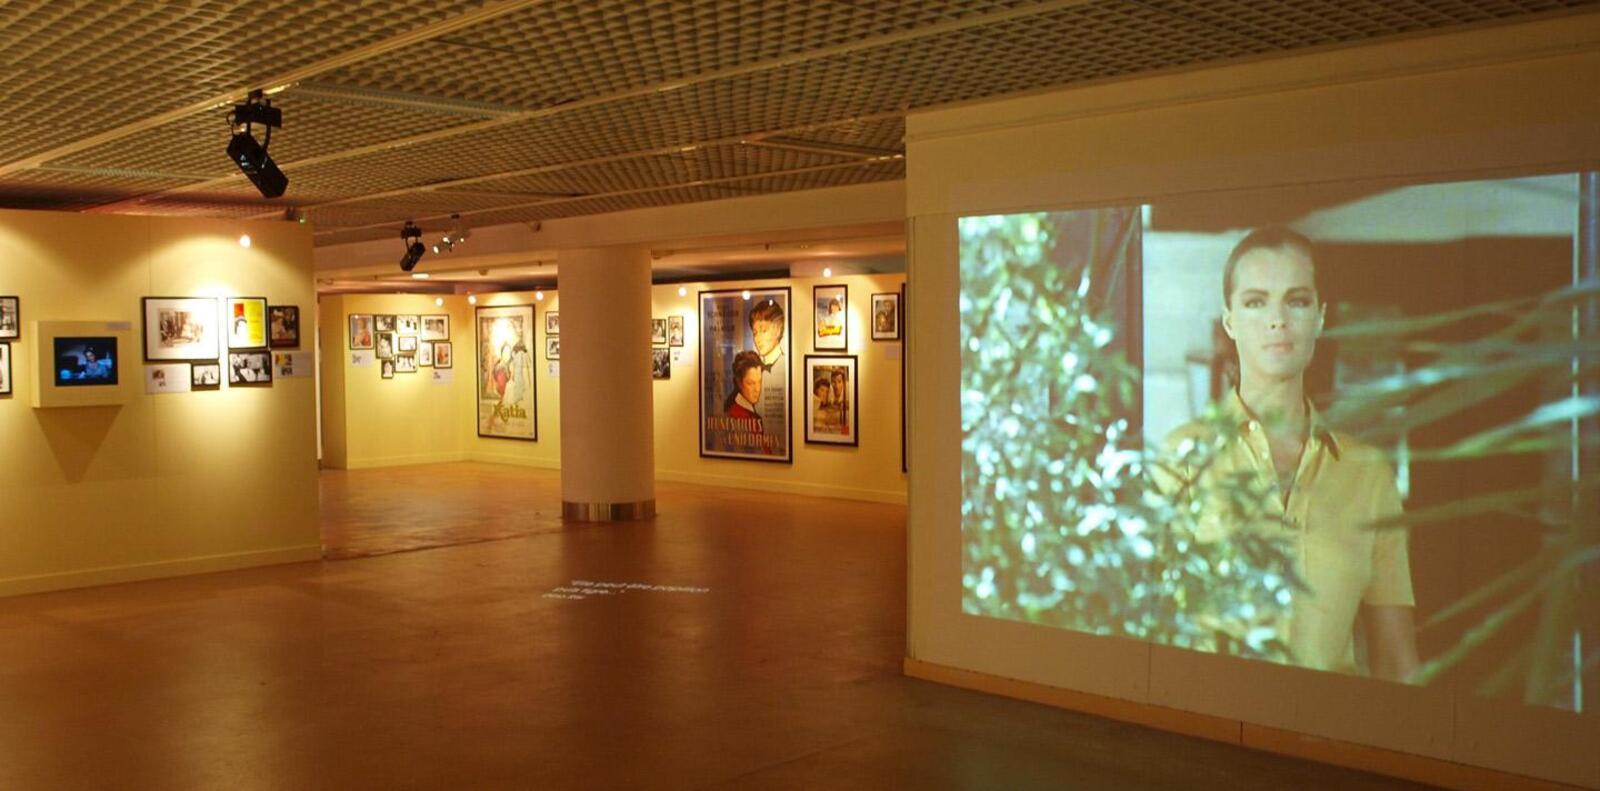 Exposition romy schneider boulogne billancourt espace for Espaces verts boulogne billancourt